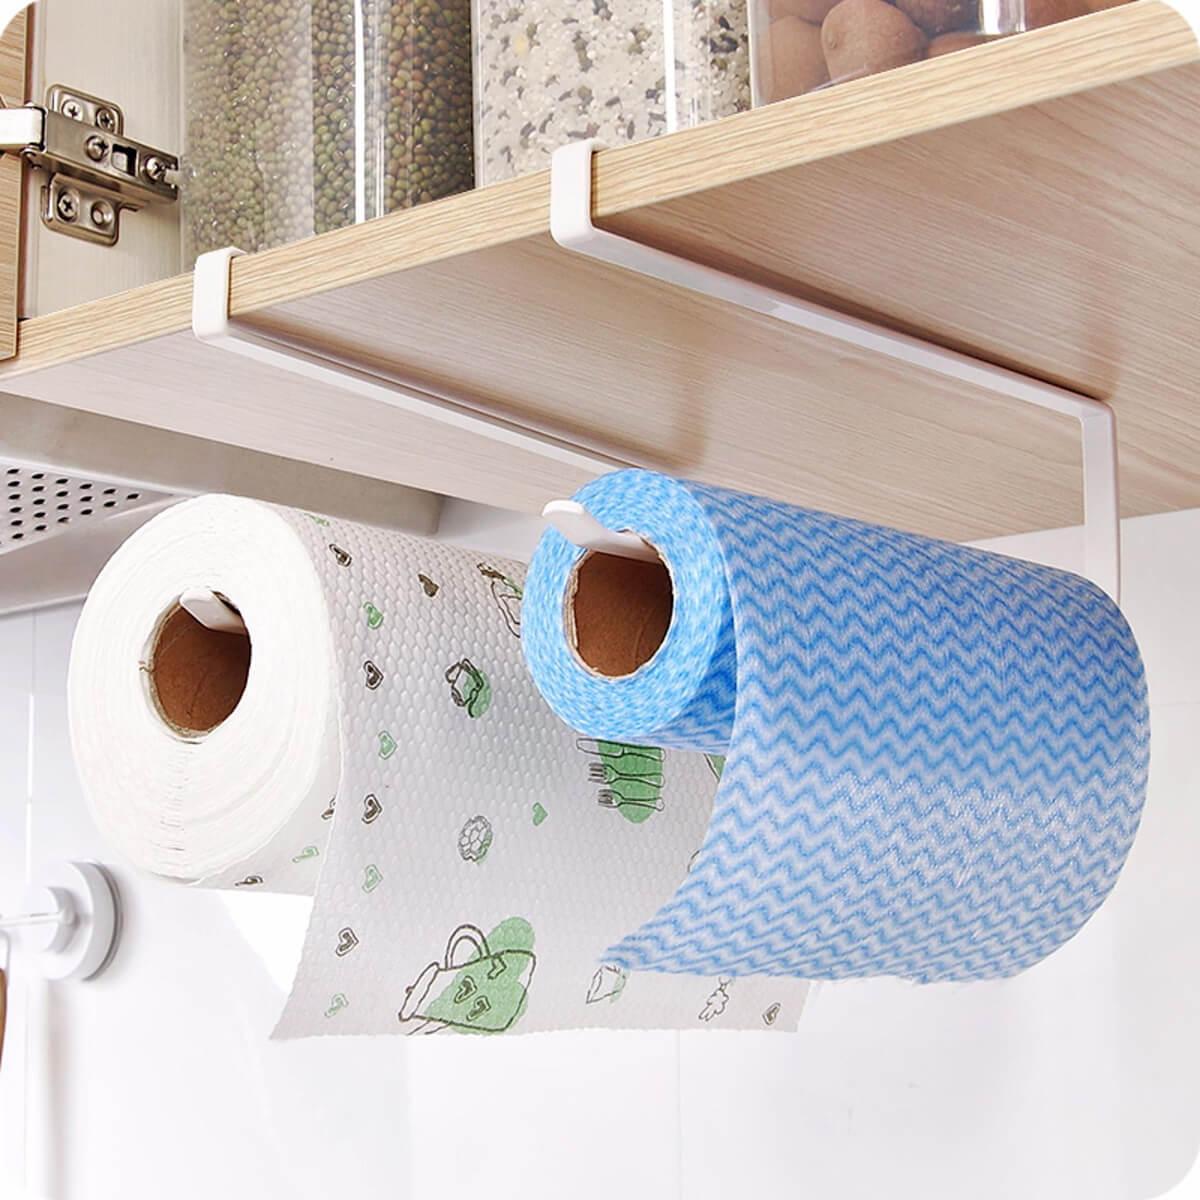 Hanging Cabinet Paper Towel Holder